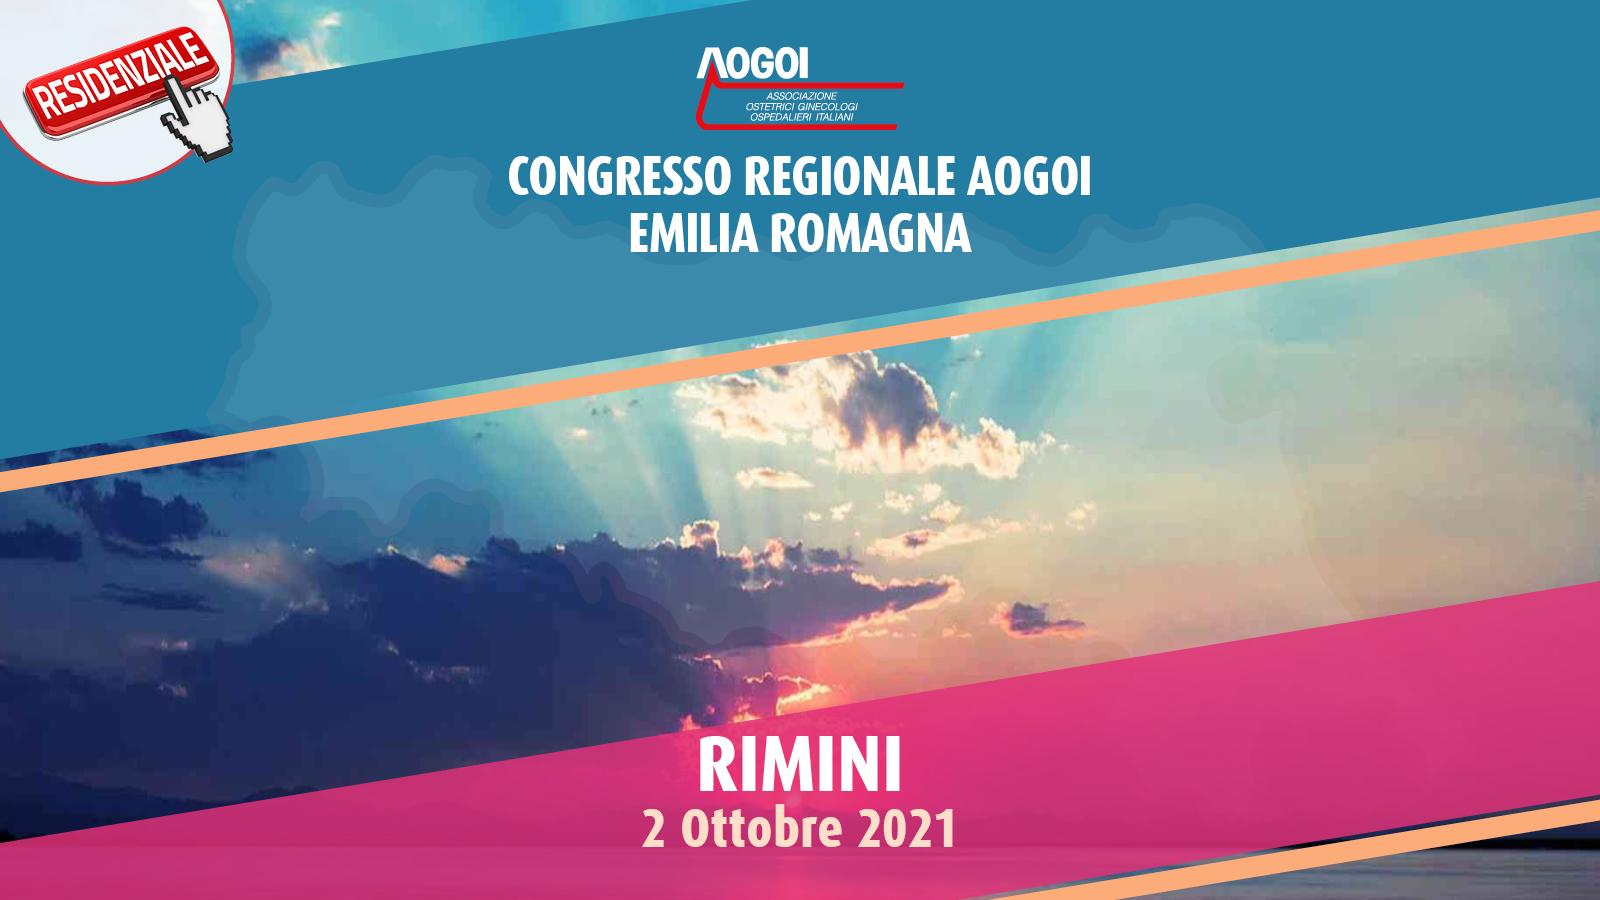 Congresso Regionale AOGOI Emilia Romagna